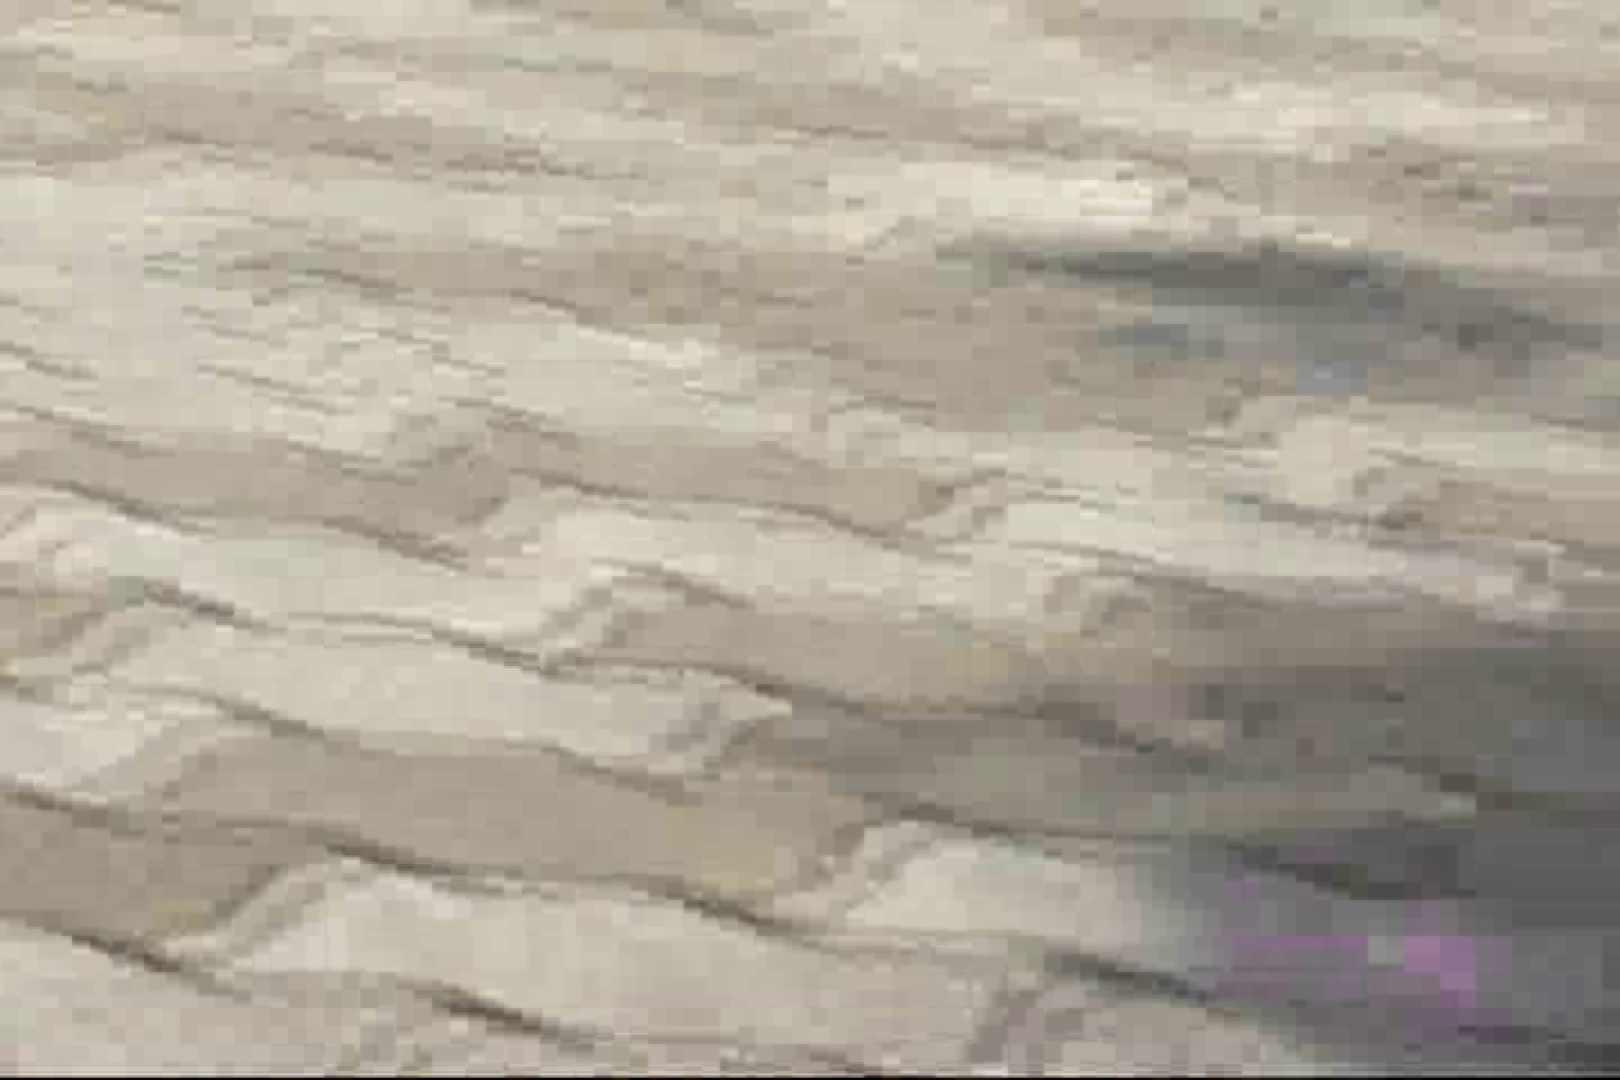 検証!隠し撮りスカートめくり!!Vol.2 ワルノリ | エロティックなOL  82画像 9